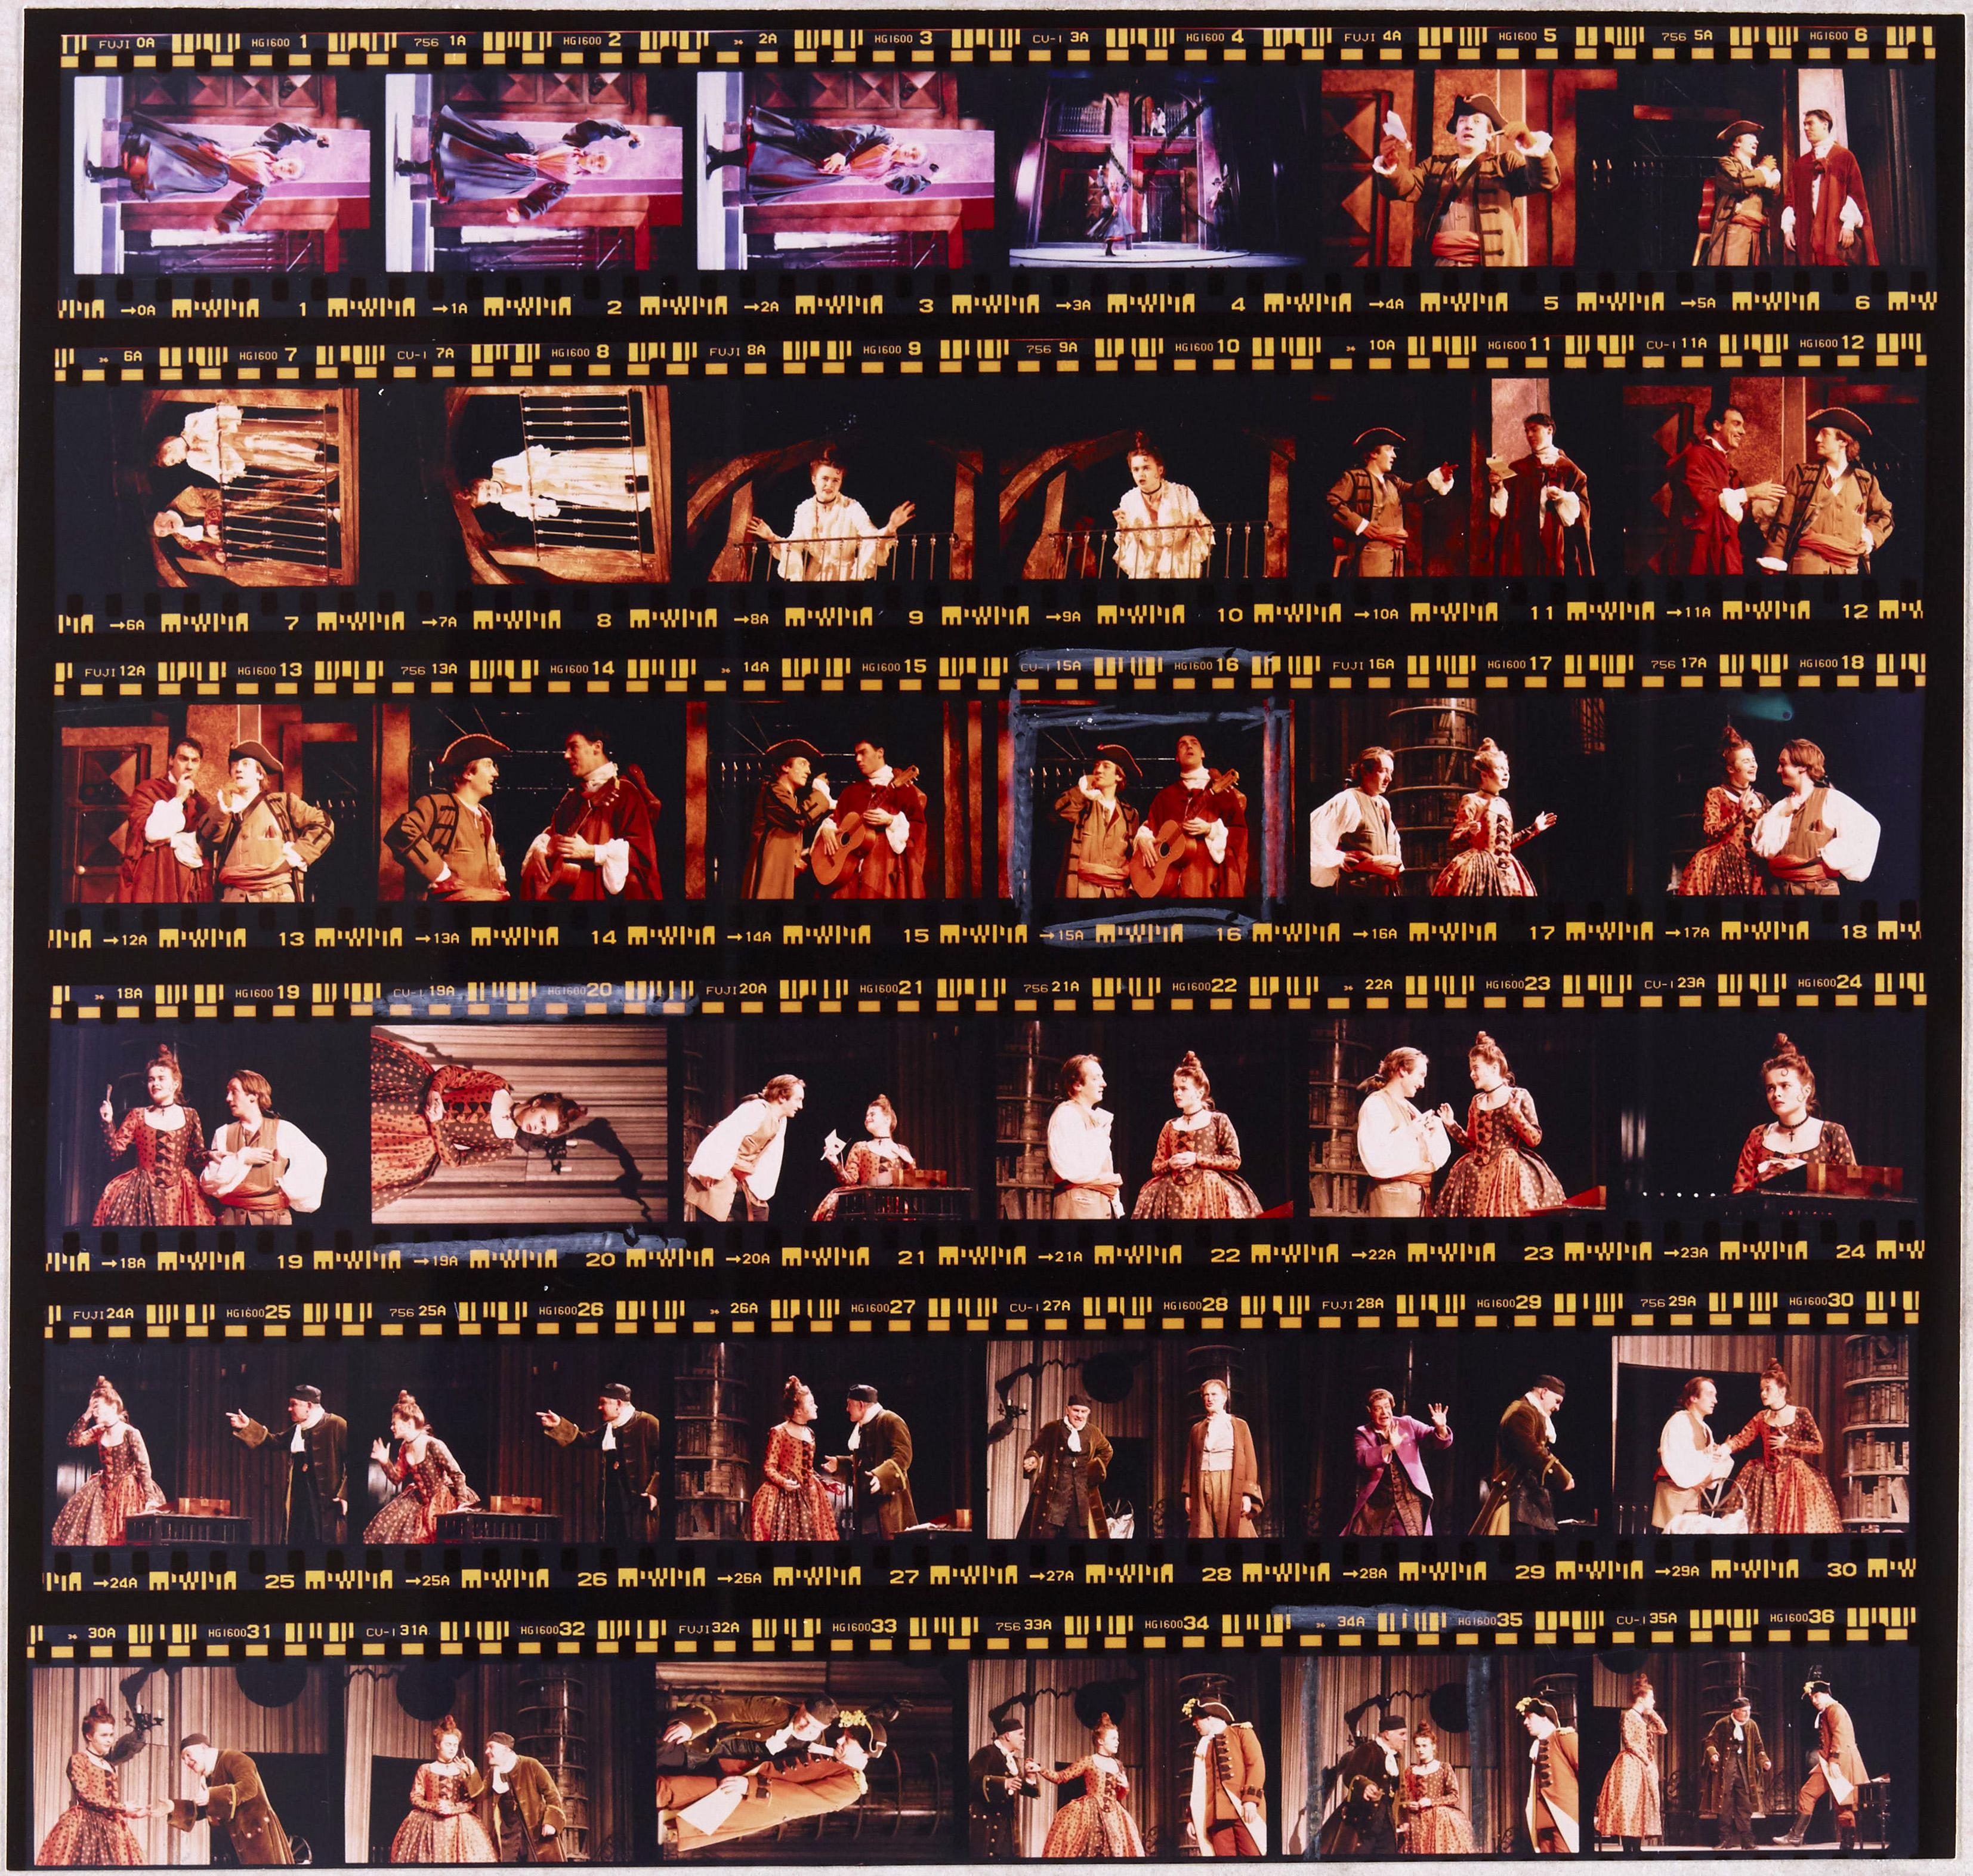 1990s programme